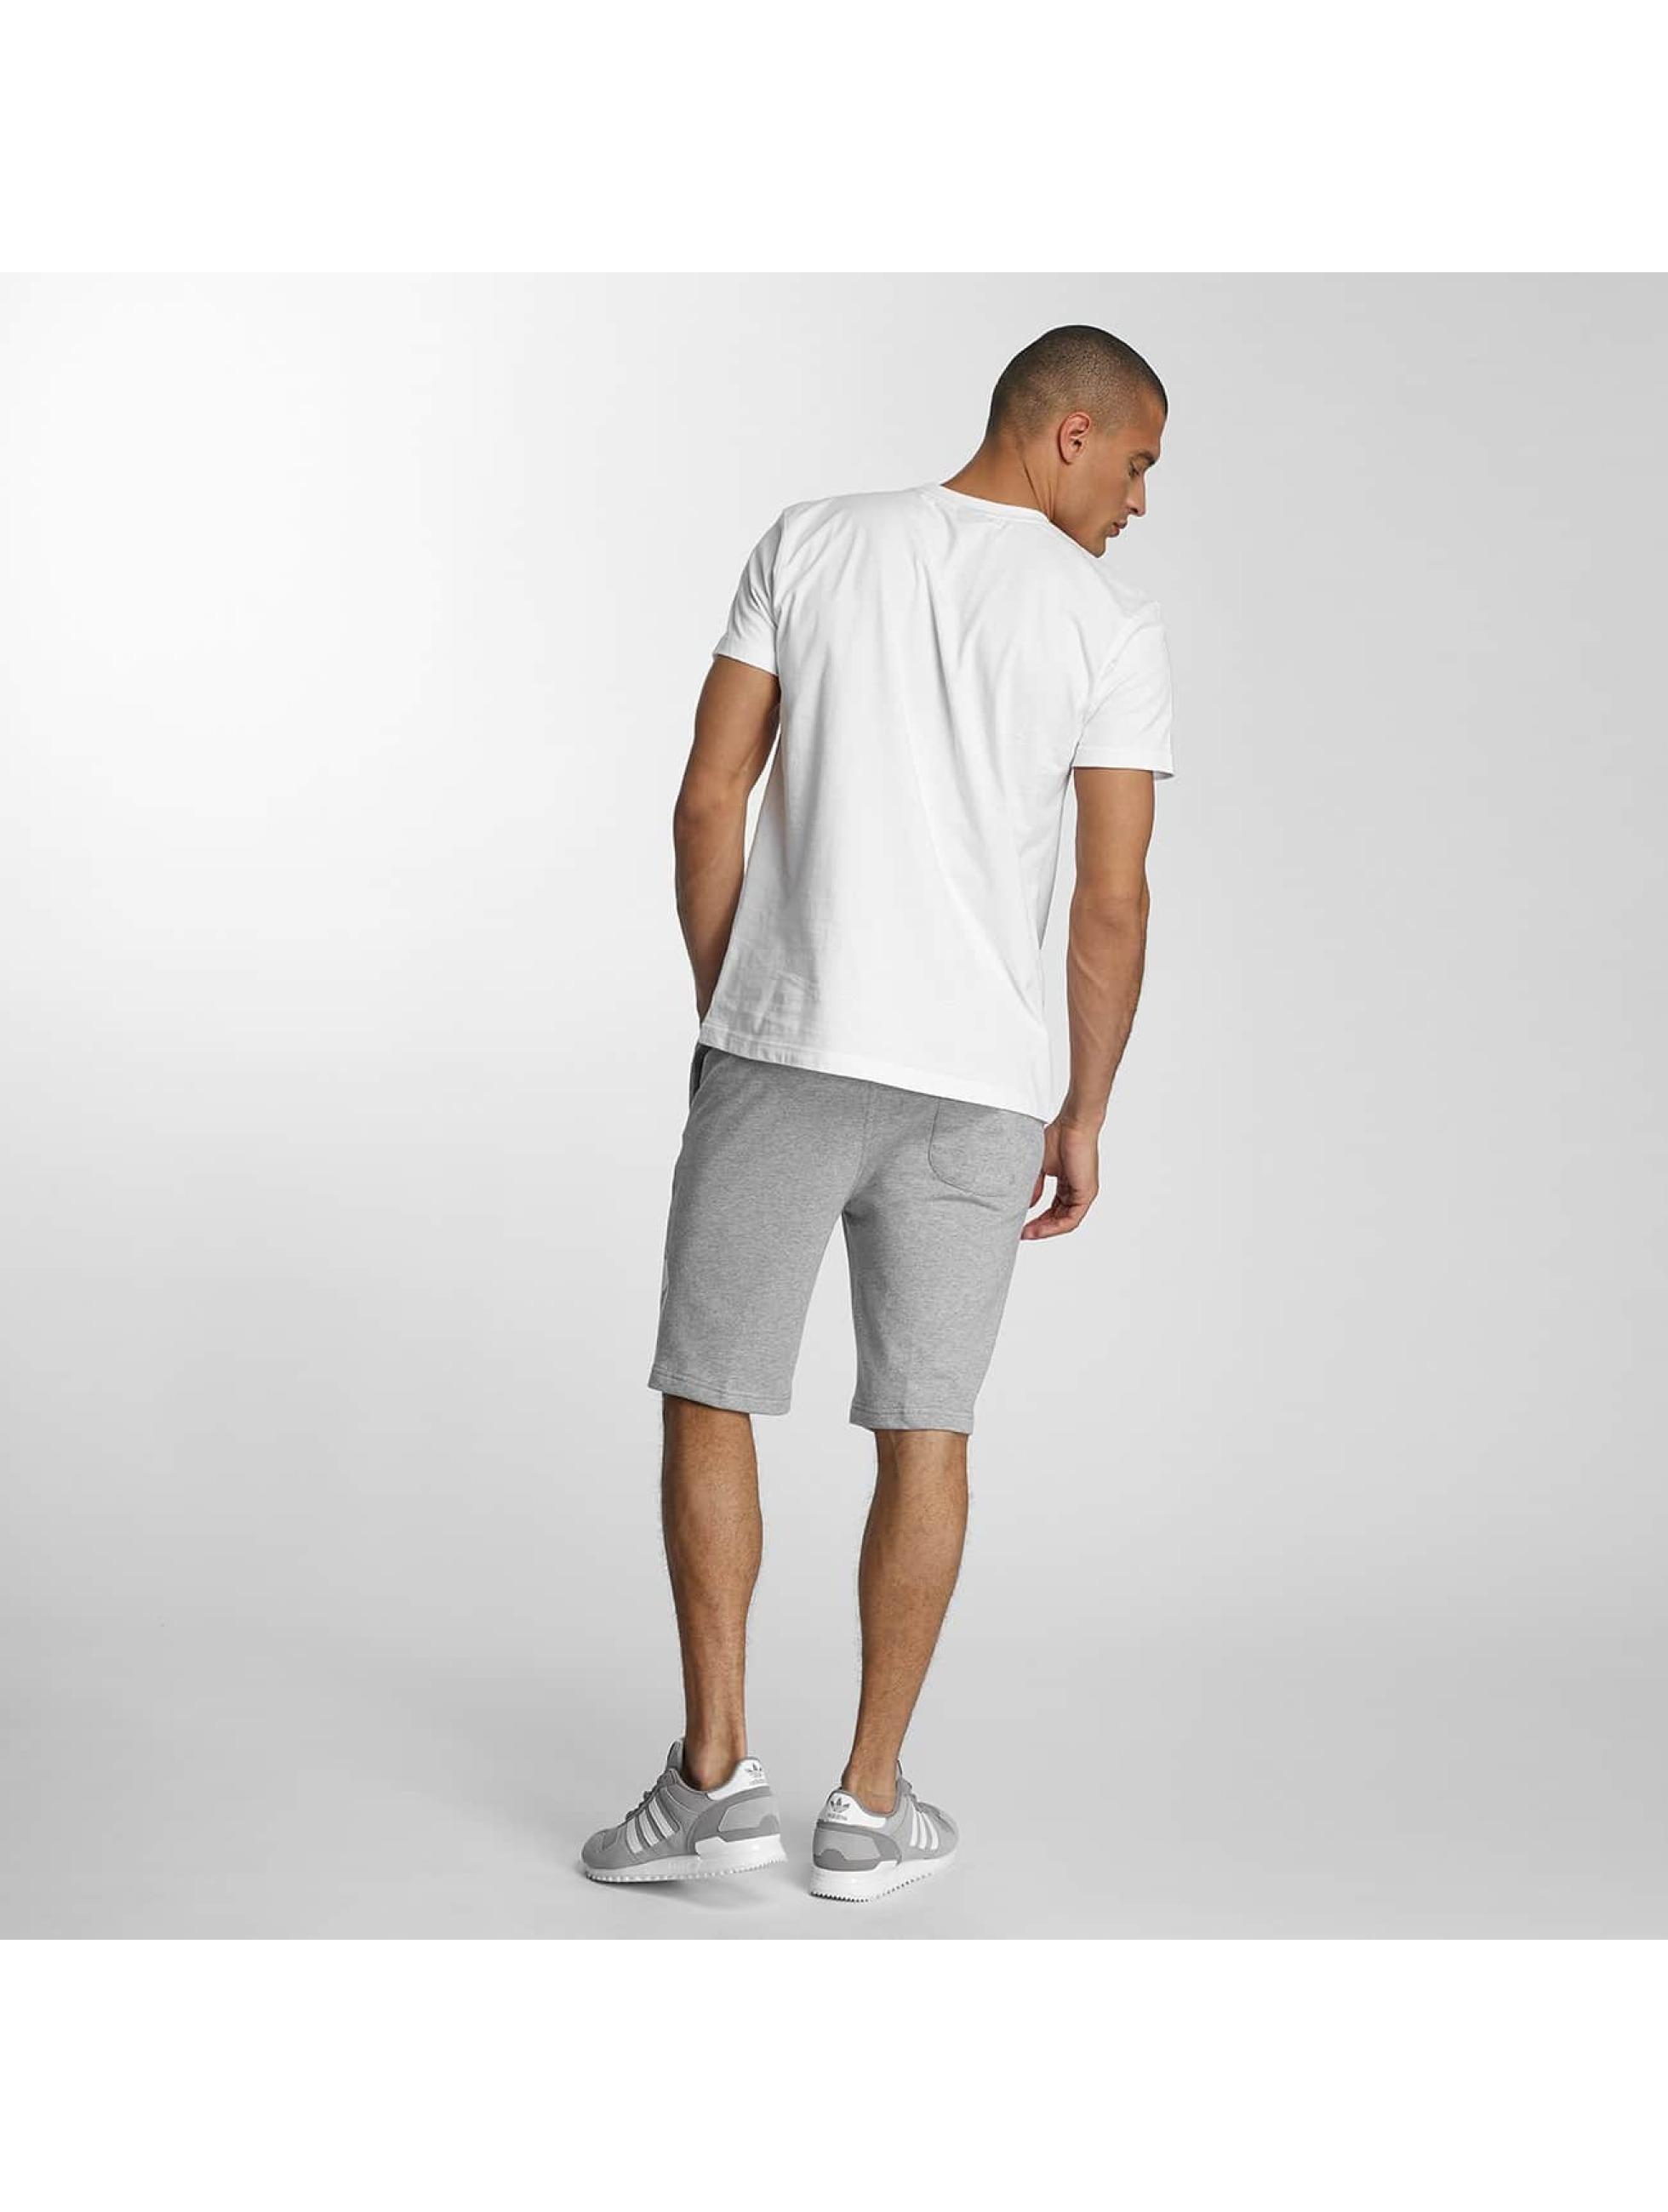 Pusher Apparel Pantalón cortos 219 Cut gris